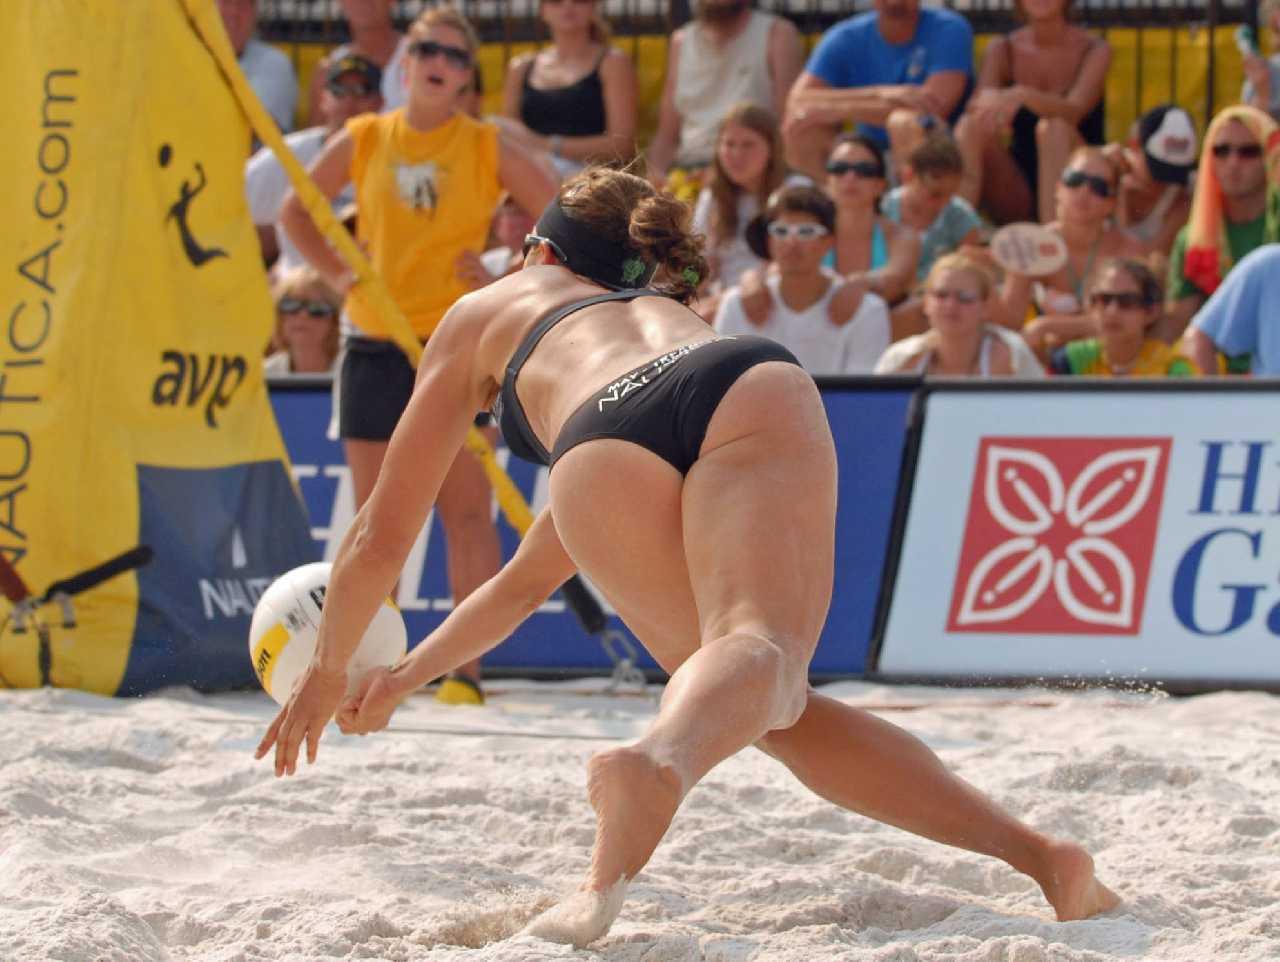 засветы девушек во время пляжного волейбола грань